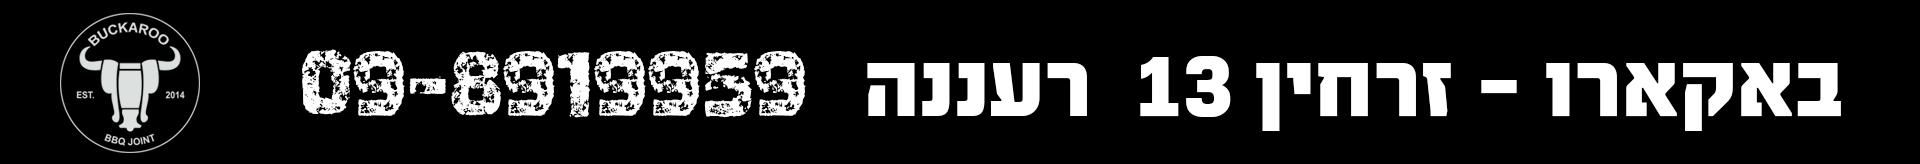 באקארו - באנר תחתון